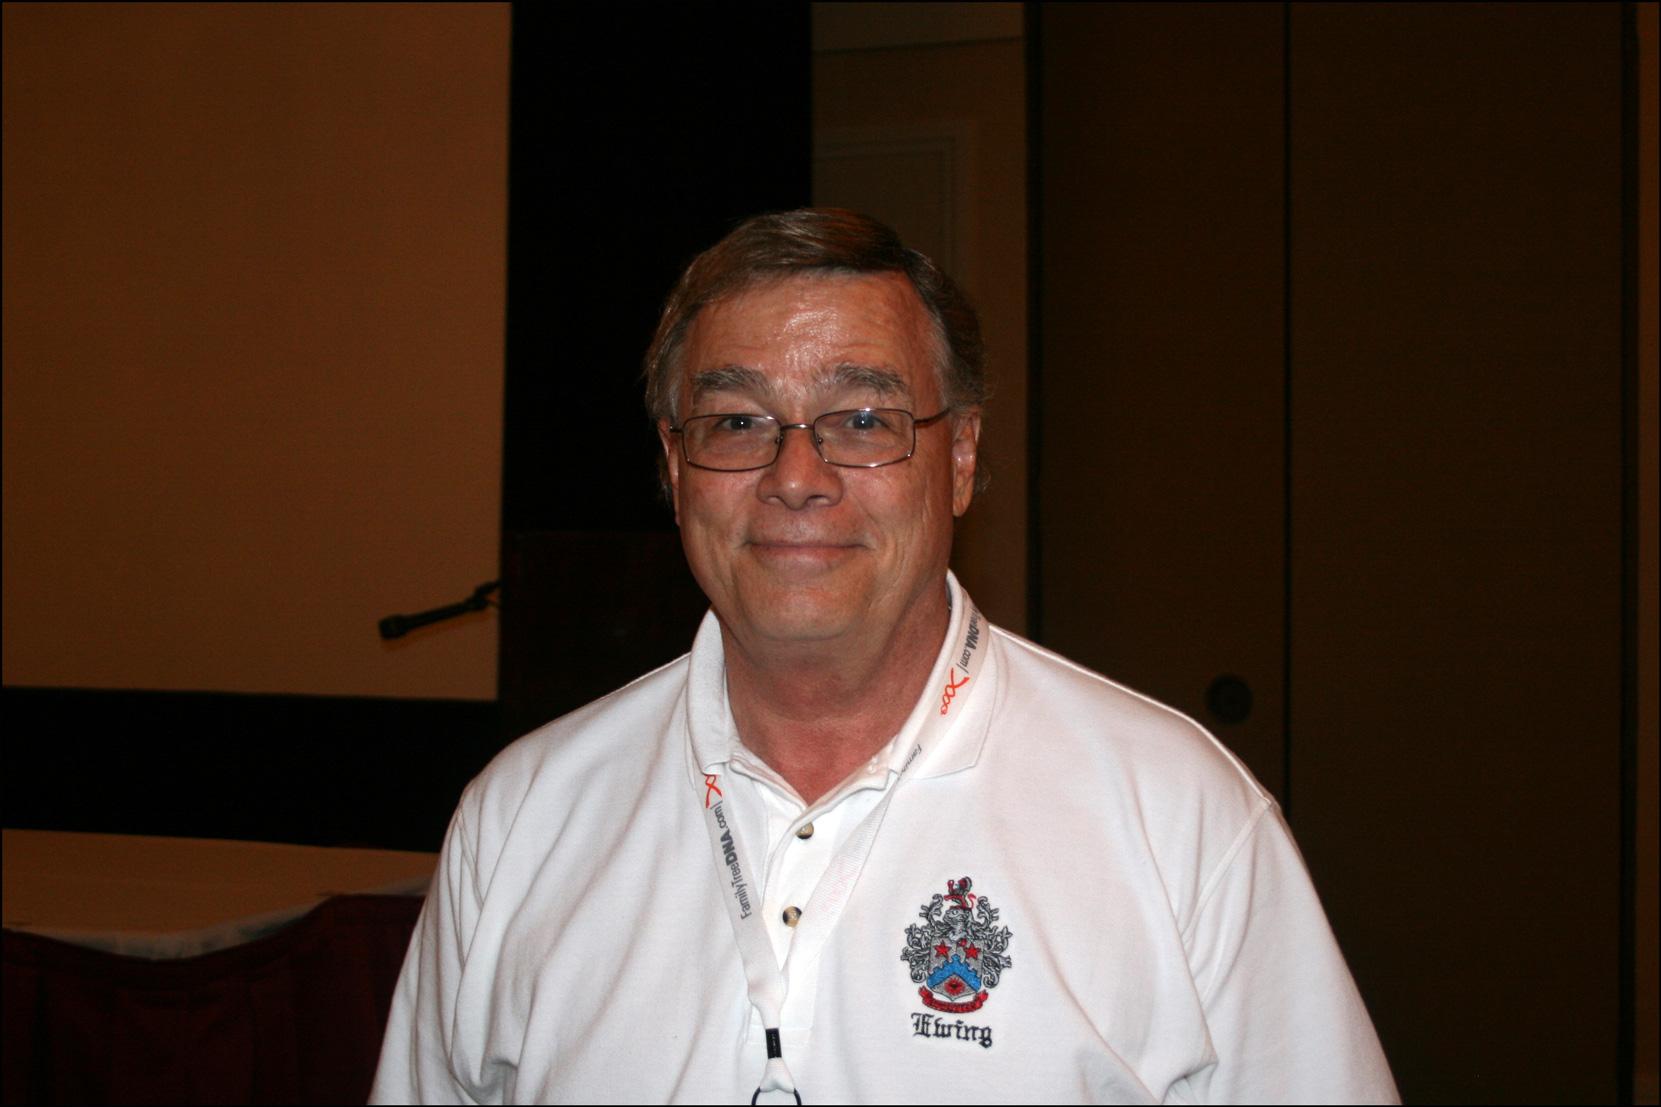 David Ewing